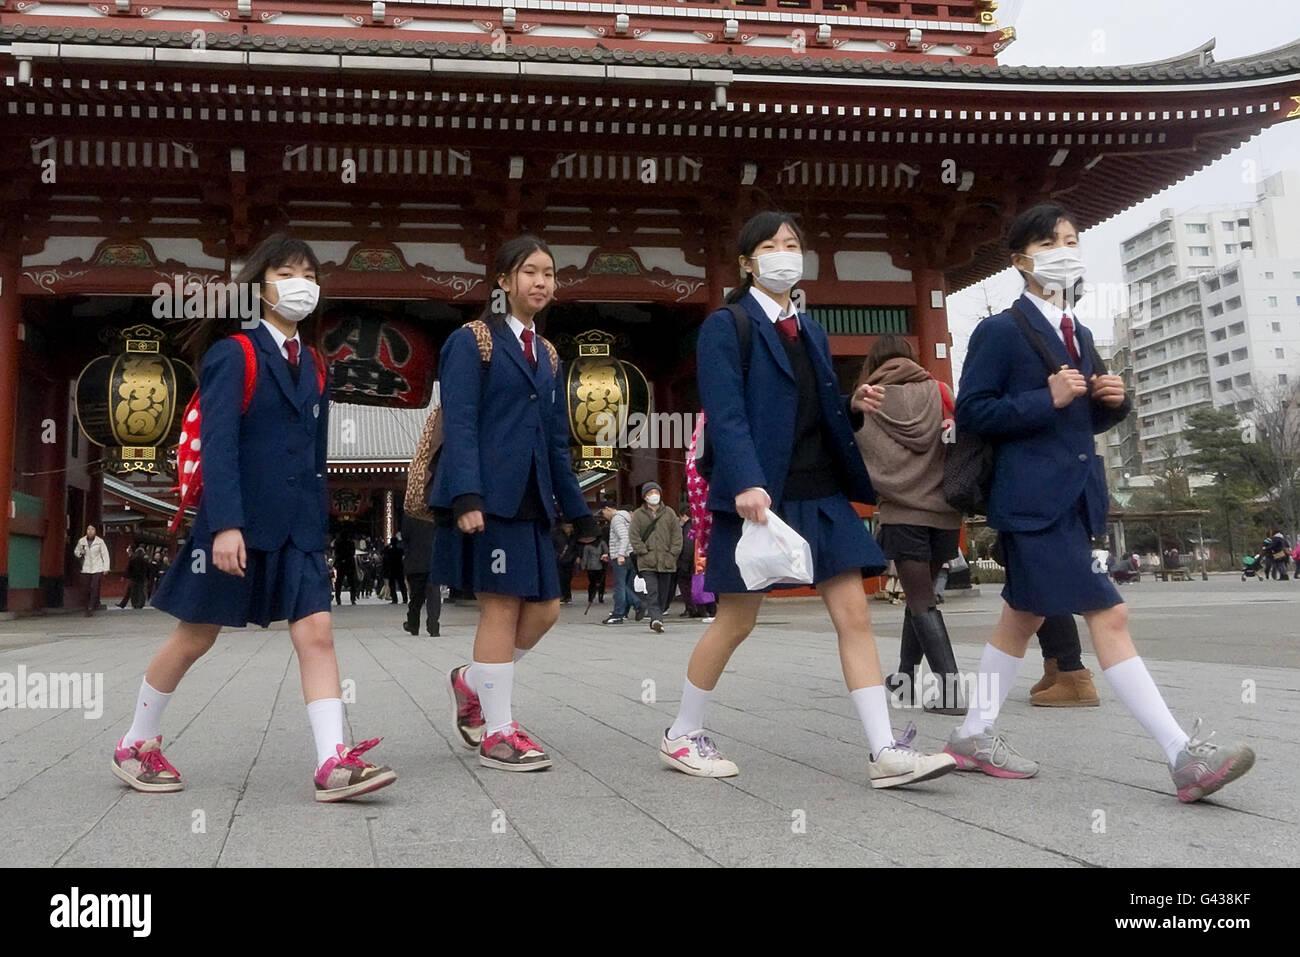 masque anti japonais